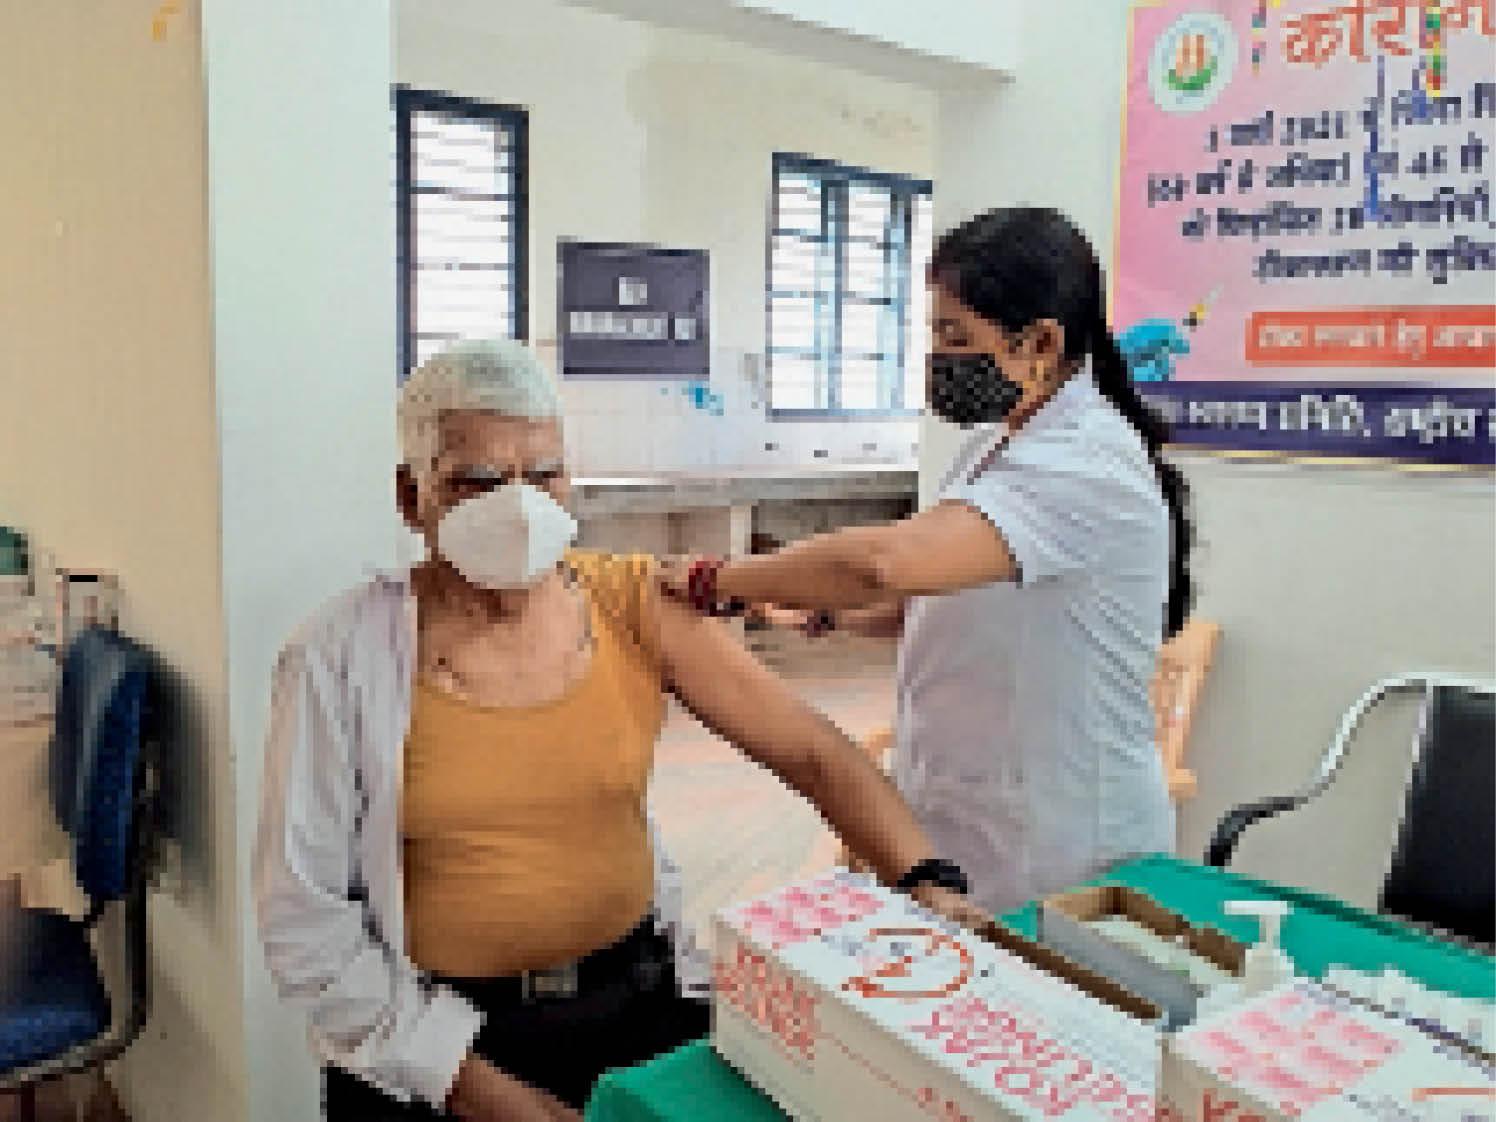 7 दिन बाद सेंटरों में शुरू हुआ वैक्सीनेशन। - Dainik Bhaskar